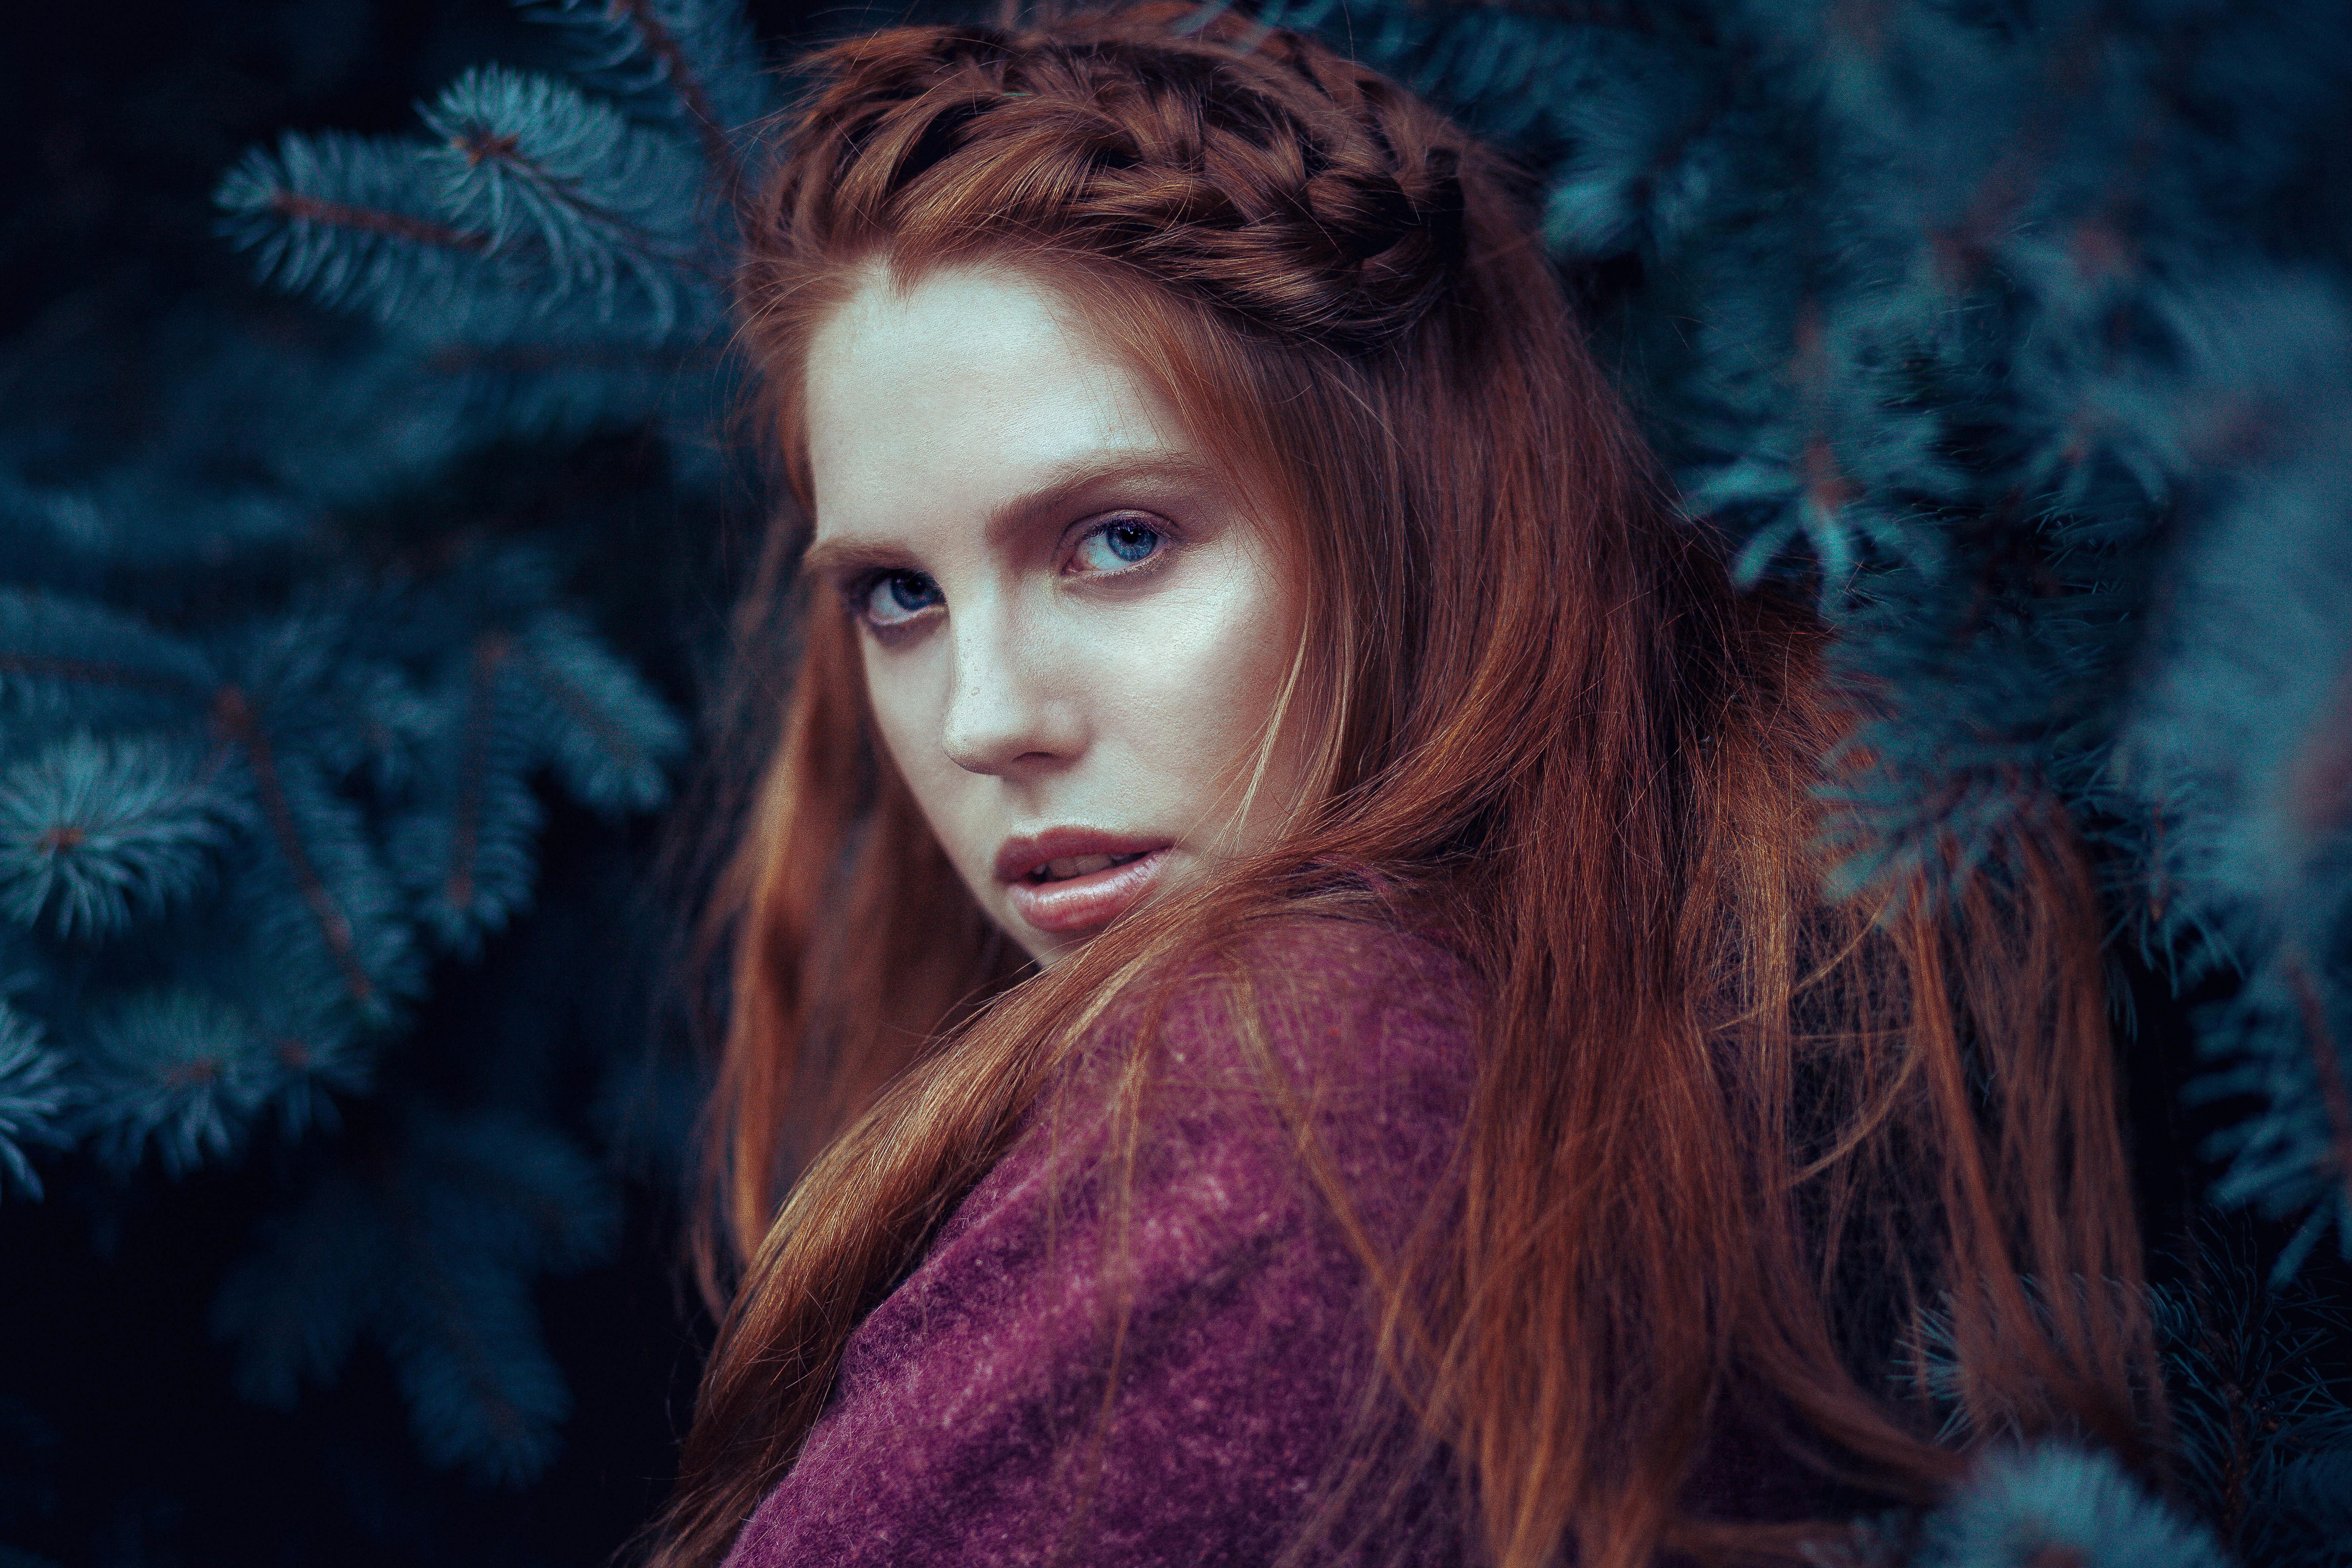 Blue Eyes Girl Model Redhead Woman 7000x4667